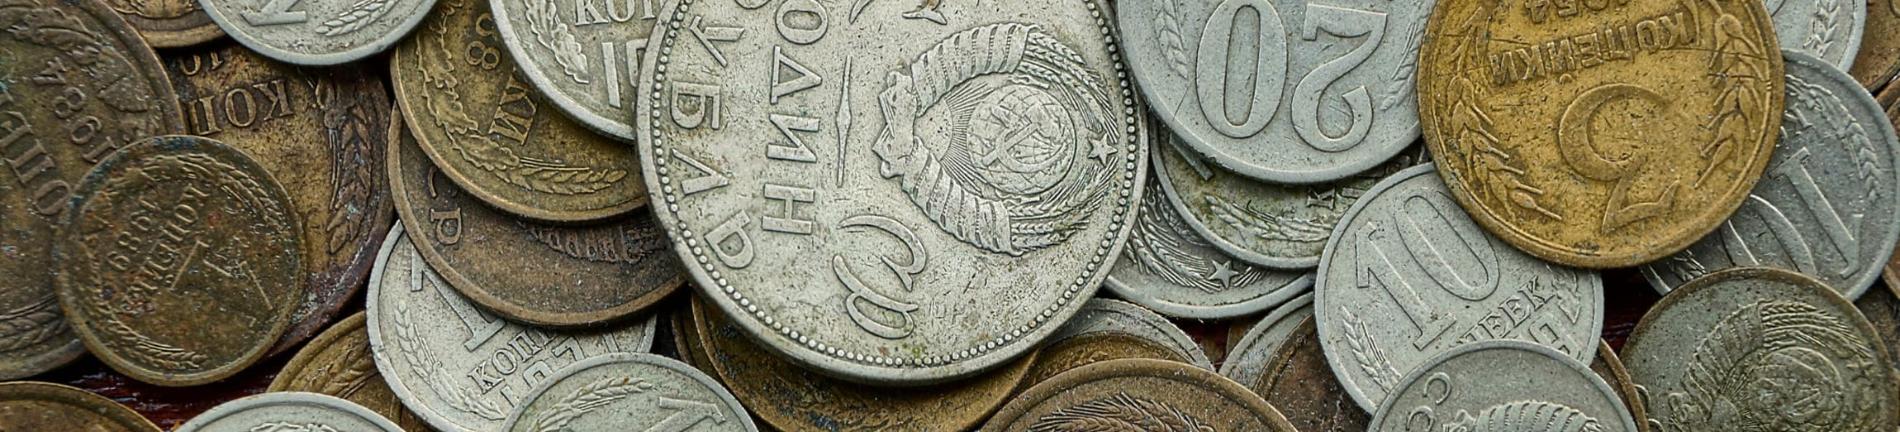 Нажить капитал на советских монетах